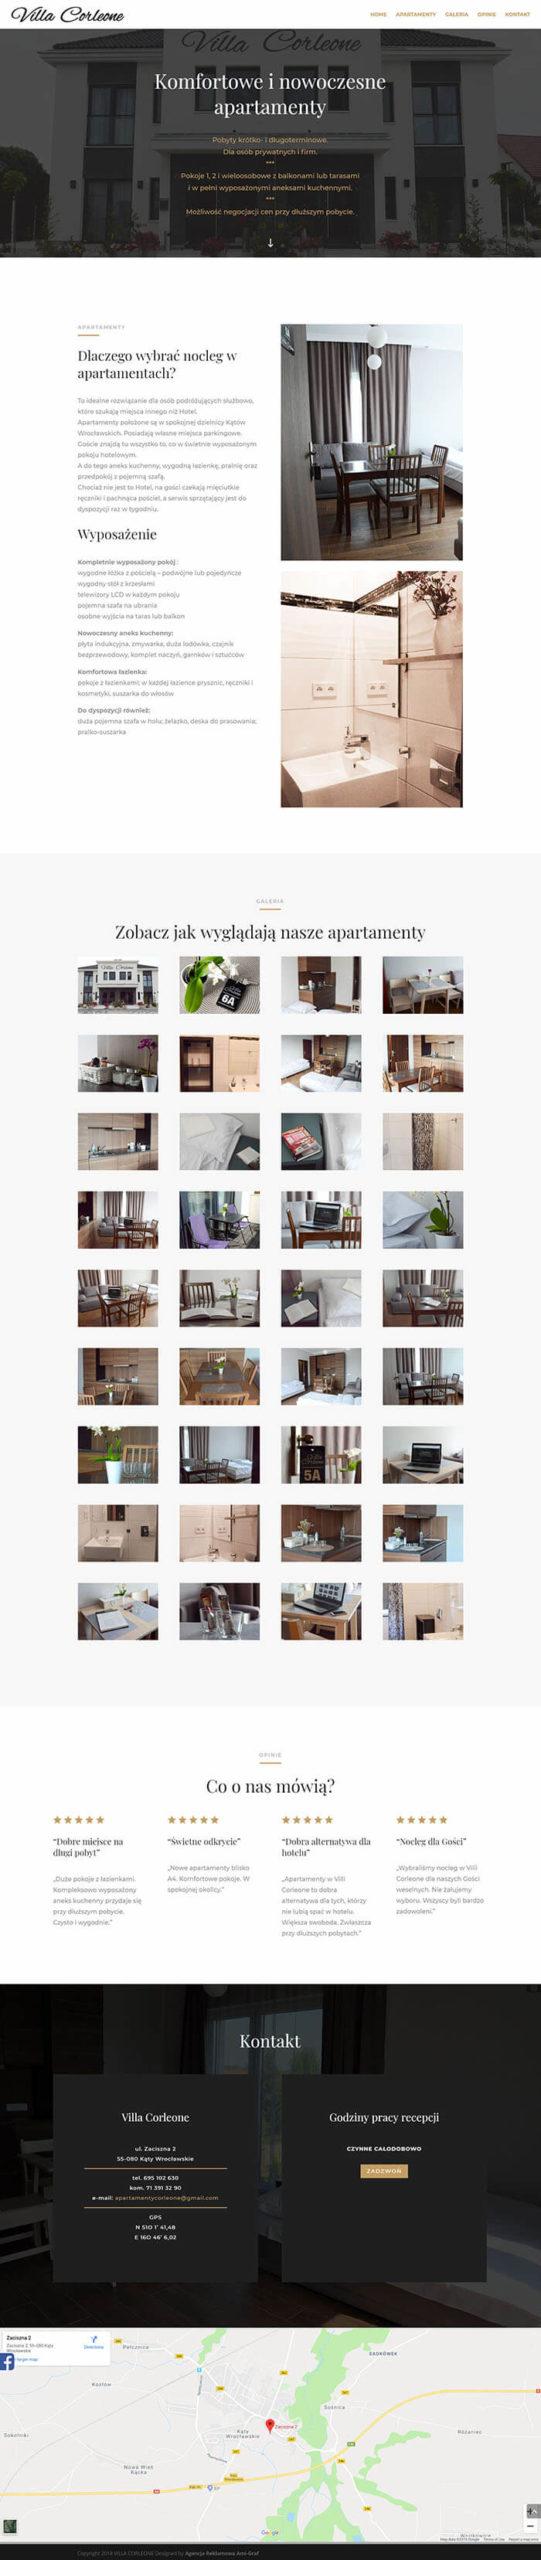 projekty graficzne, wizualizacje 3d